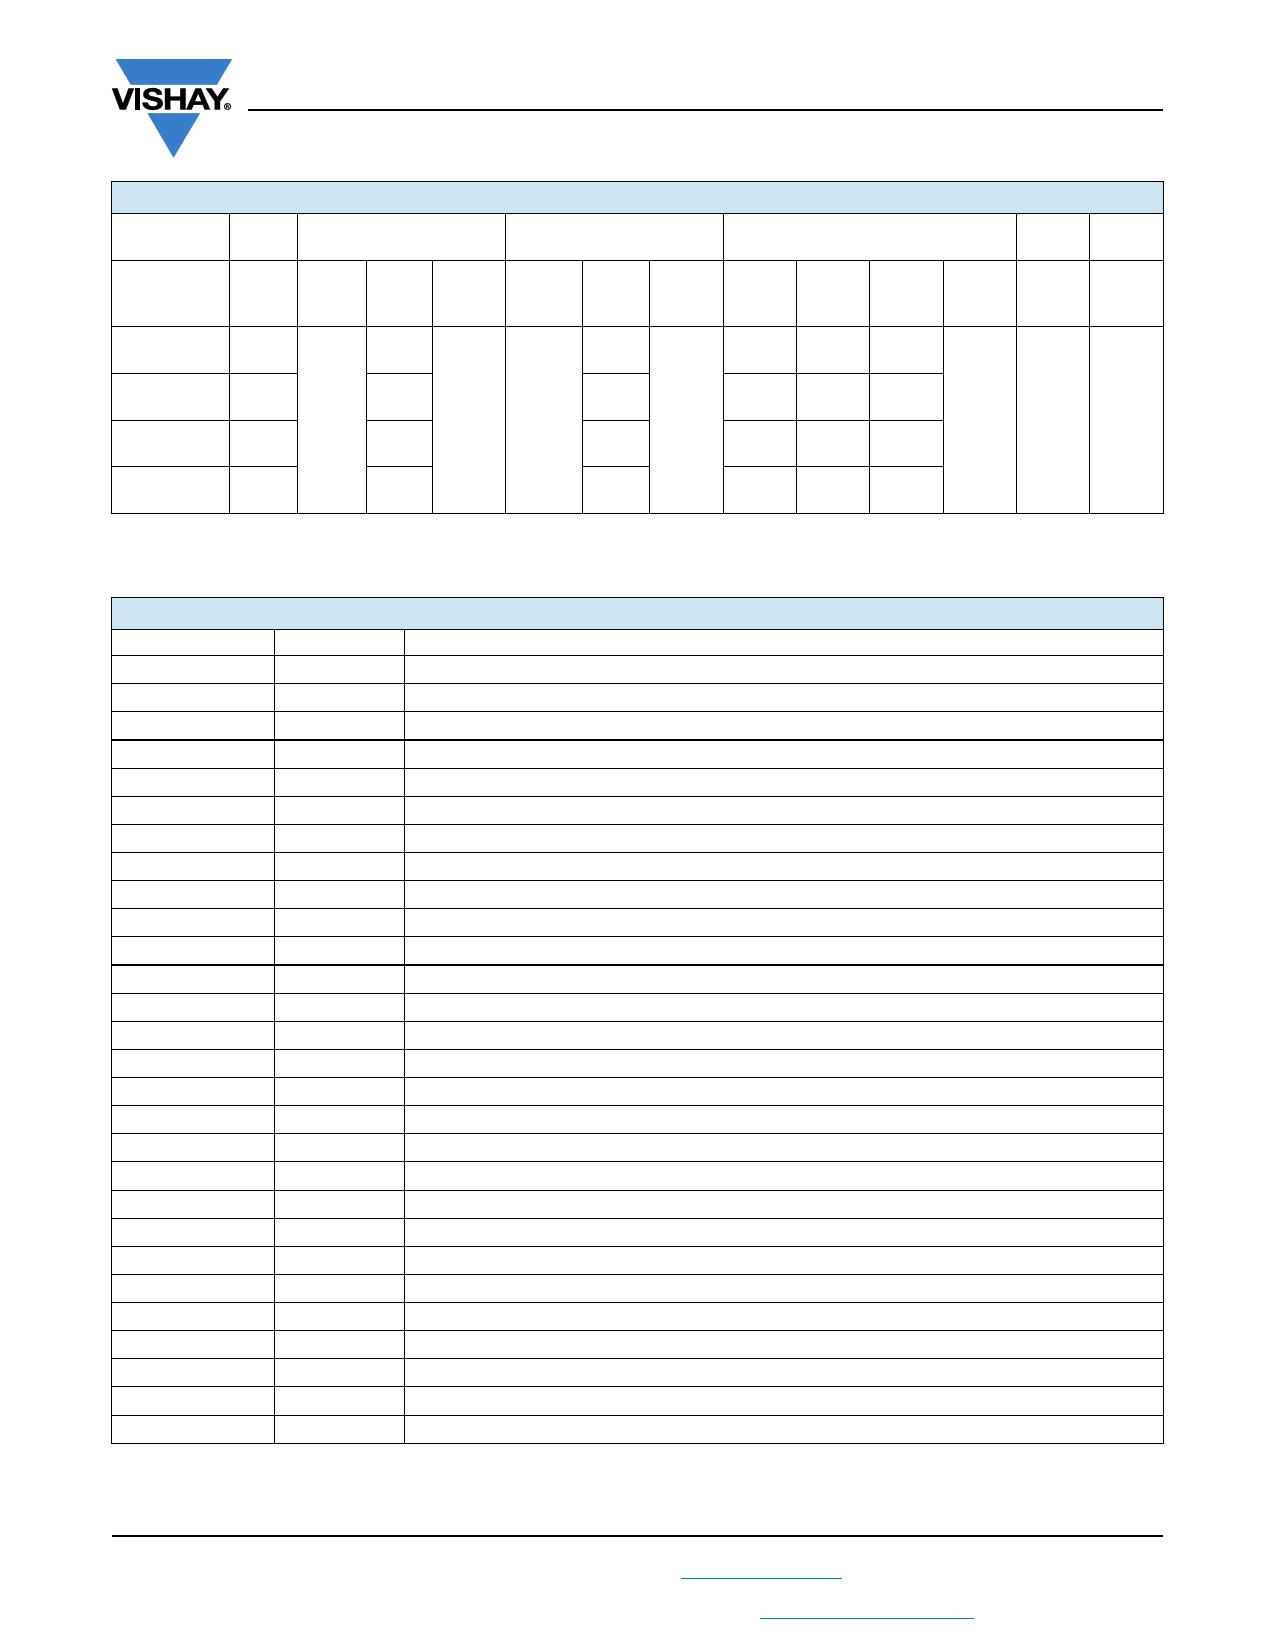 199D104Xxxxx pdf, 電子部品, 半導体, ピン配列